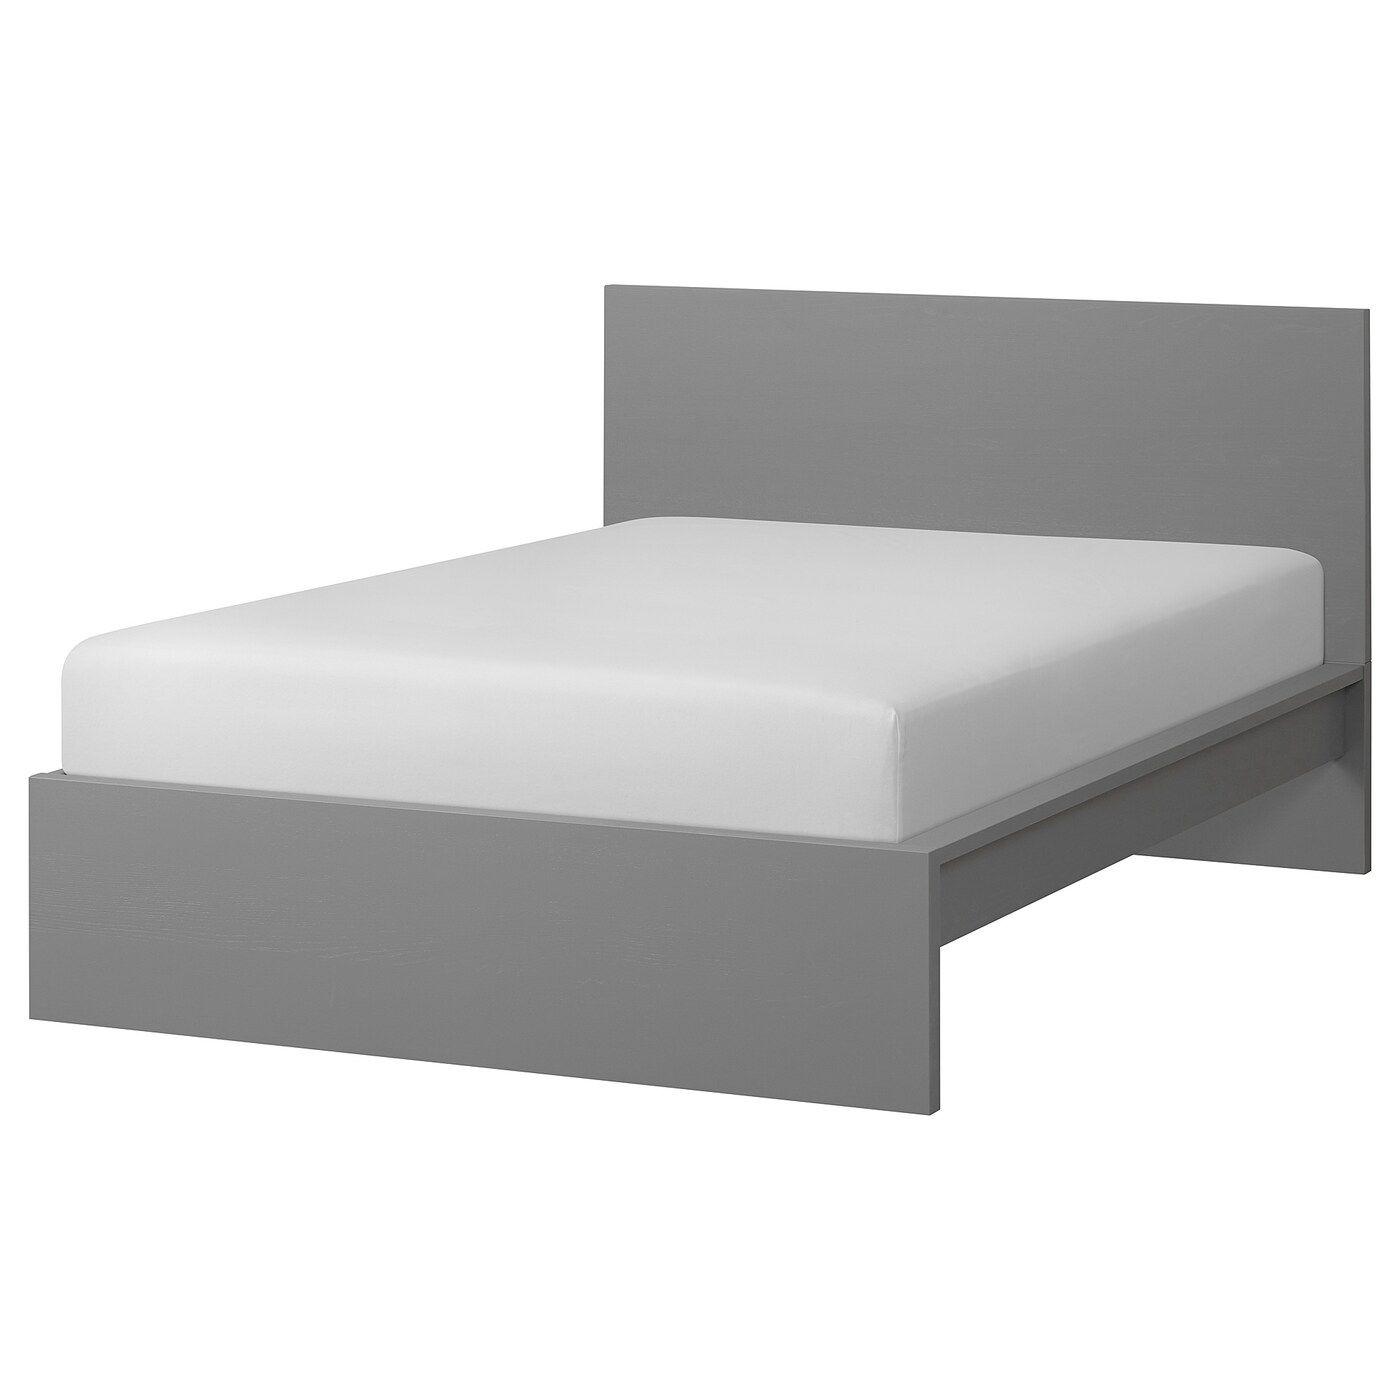 Malm Bettgestell Hoch Grau Las Luroy Ikea Osterreich In 2020